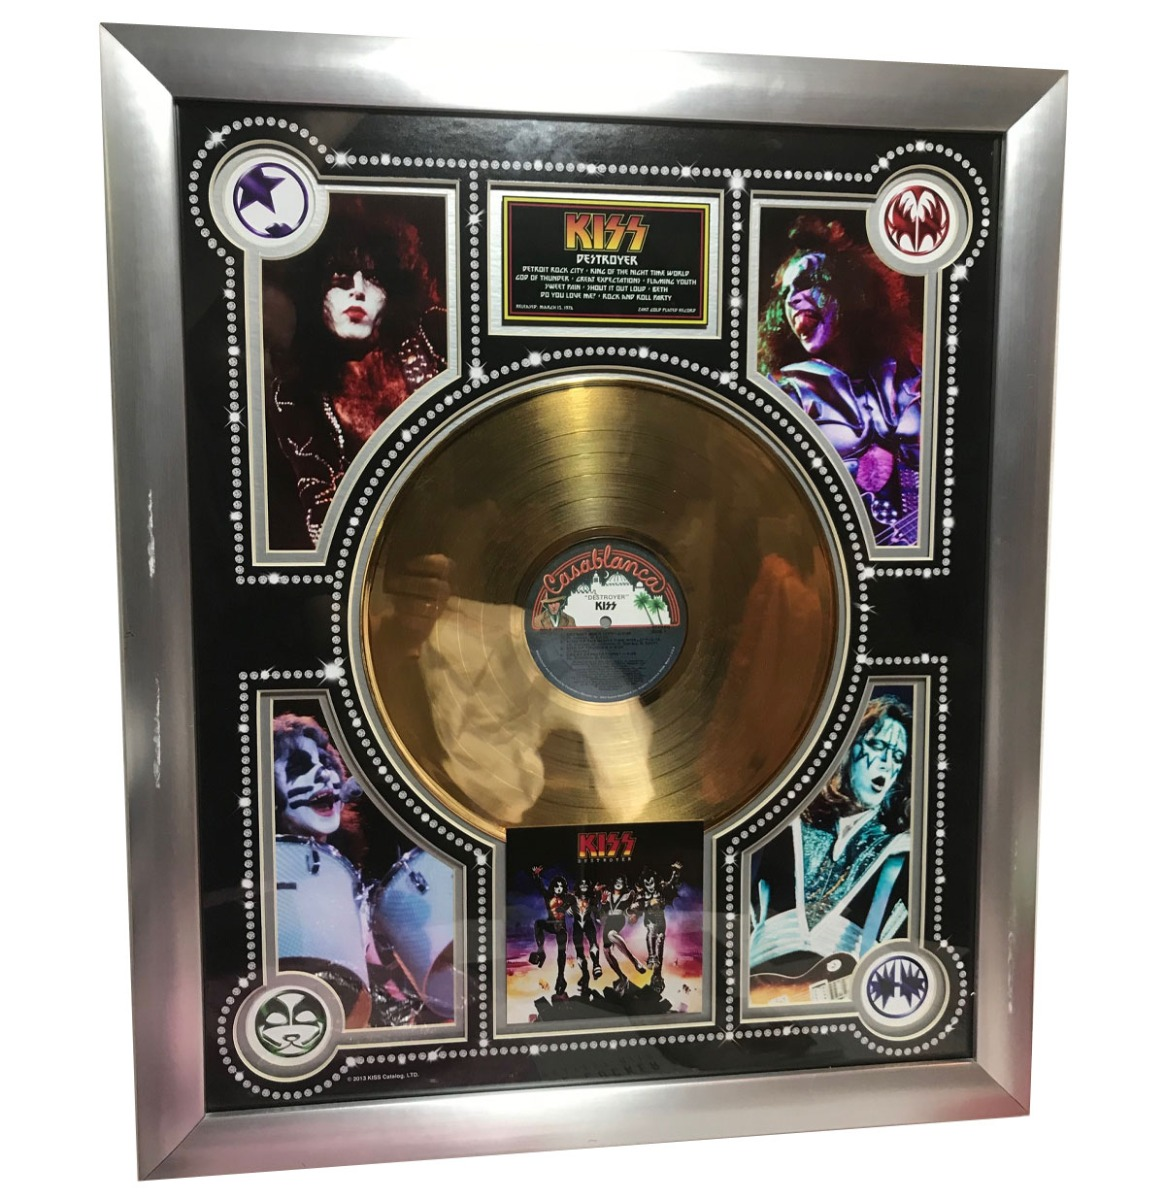 Kiss - Destroyer Gouden Plaat Official Kiss Catalogue